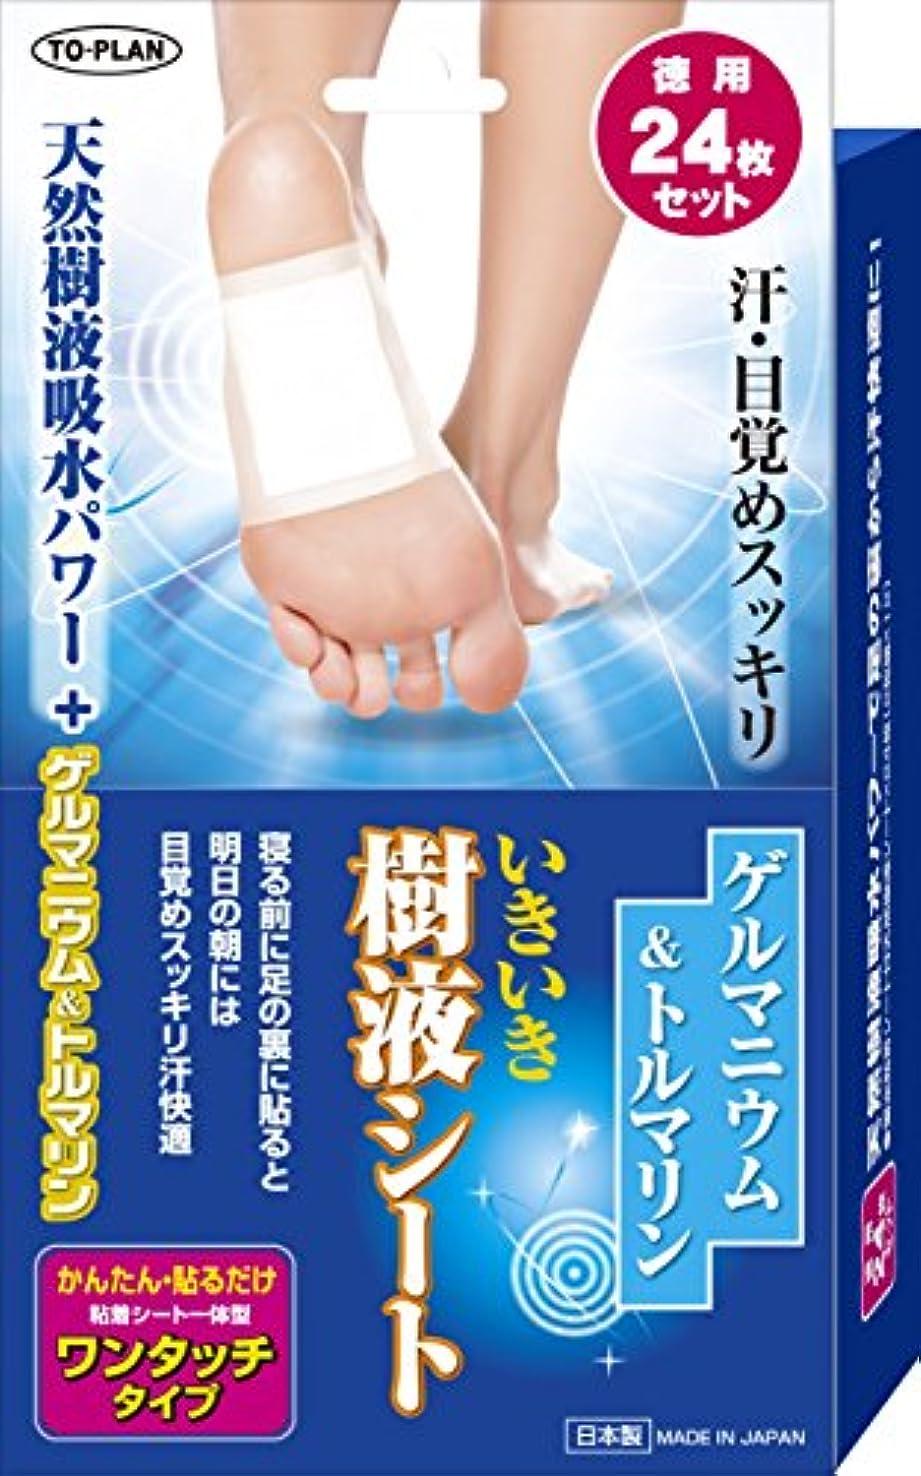 マキシムリール相談TO-PLAN(トプラン) ゲルマニウム&トルマリンいきいき樹液シート24枚入